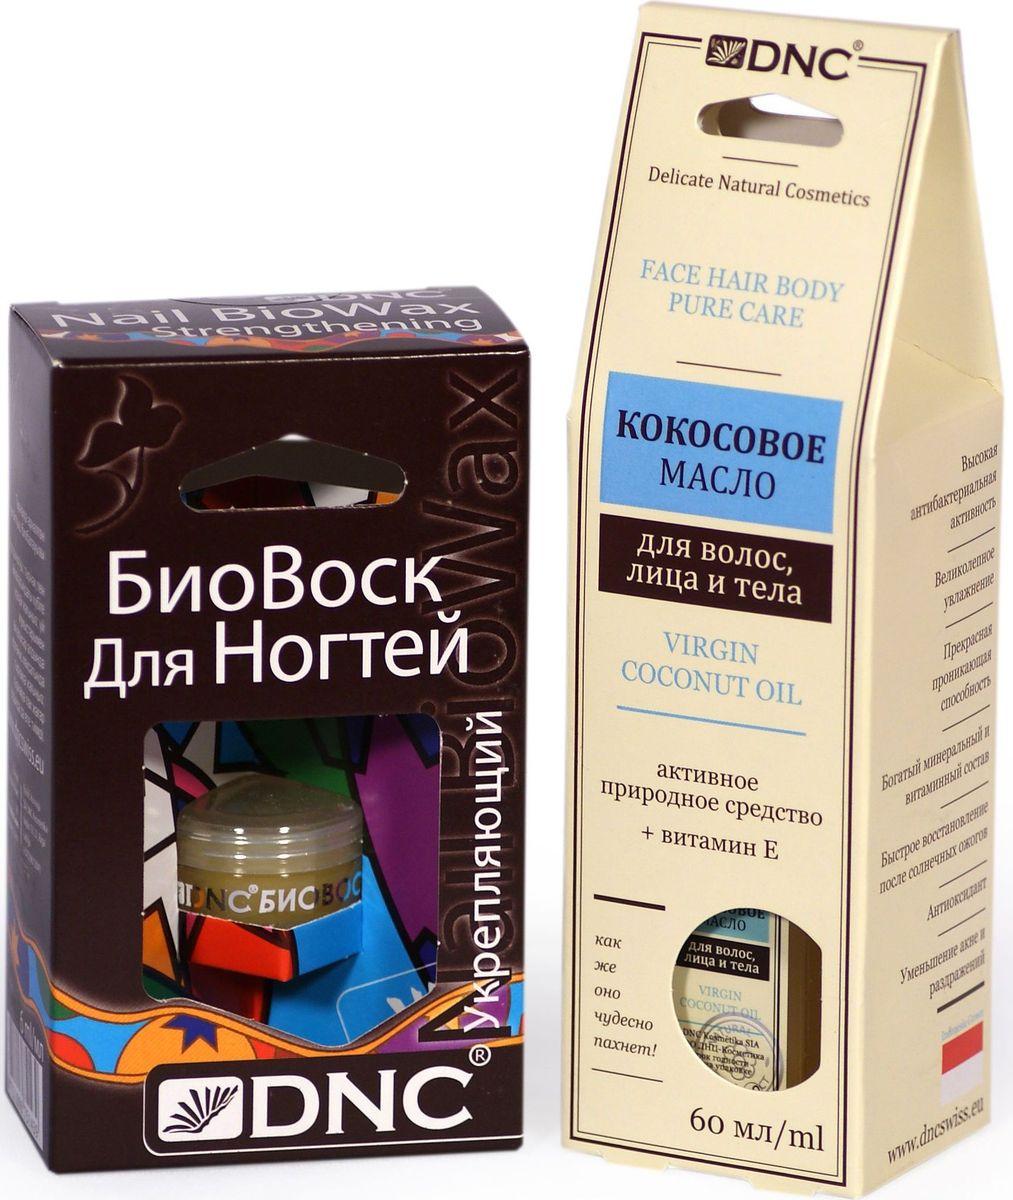 DNC Набор: Кокосовое масло, 60 мл, биовоск укрепляющий, 6 мл4751006754263Масло кокосовое Нежное и ароматное масло для лица, тела и волос. Использовать кокосовое масло для лица можно, как дневной крем для сухой кожи или ночной восстанавливающий для возрастной кожи любого типа. Кокосовое масло значительно снижает потерю протеинов волос, ведущую к сечению и повреждению их структуры. Многие используют кокосовое масло в качестве деликатного средства для бритья, вместо пены или геля. Увлажняет и смягчает кожу рук и ног, способствует заживлению трещин. Подходит для всех видов массажа. Биовоск для ногтей укрепляющий Тщательно подобранная композиция комплексного действия из пчелиного воска и активных масел. Создает и поддерживает тонкую и естественную для кожи и ногтевой пластины защиту. Процесс укрепления и формирования здоровых ногтей и кутикул проходит значительно быстрее. Масла питают ногти, способствуют смягчению кутикул и заживлению ранок вокруг ногтей.